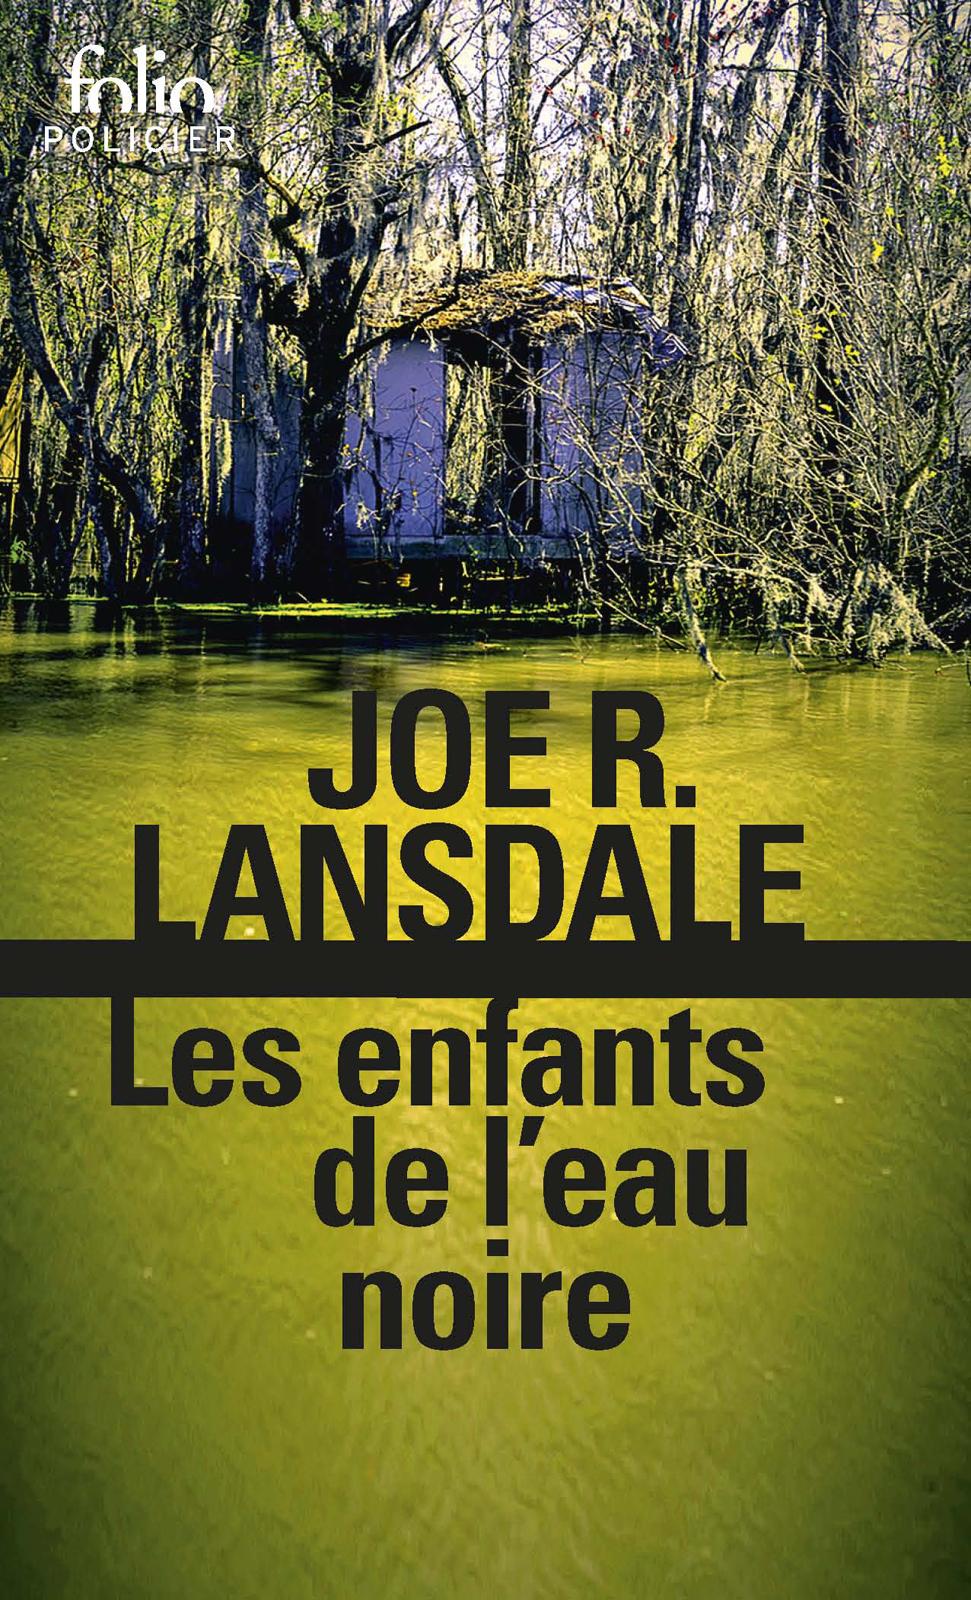 Les enfants de l'eau noire | Lansdale, Joe R.